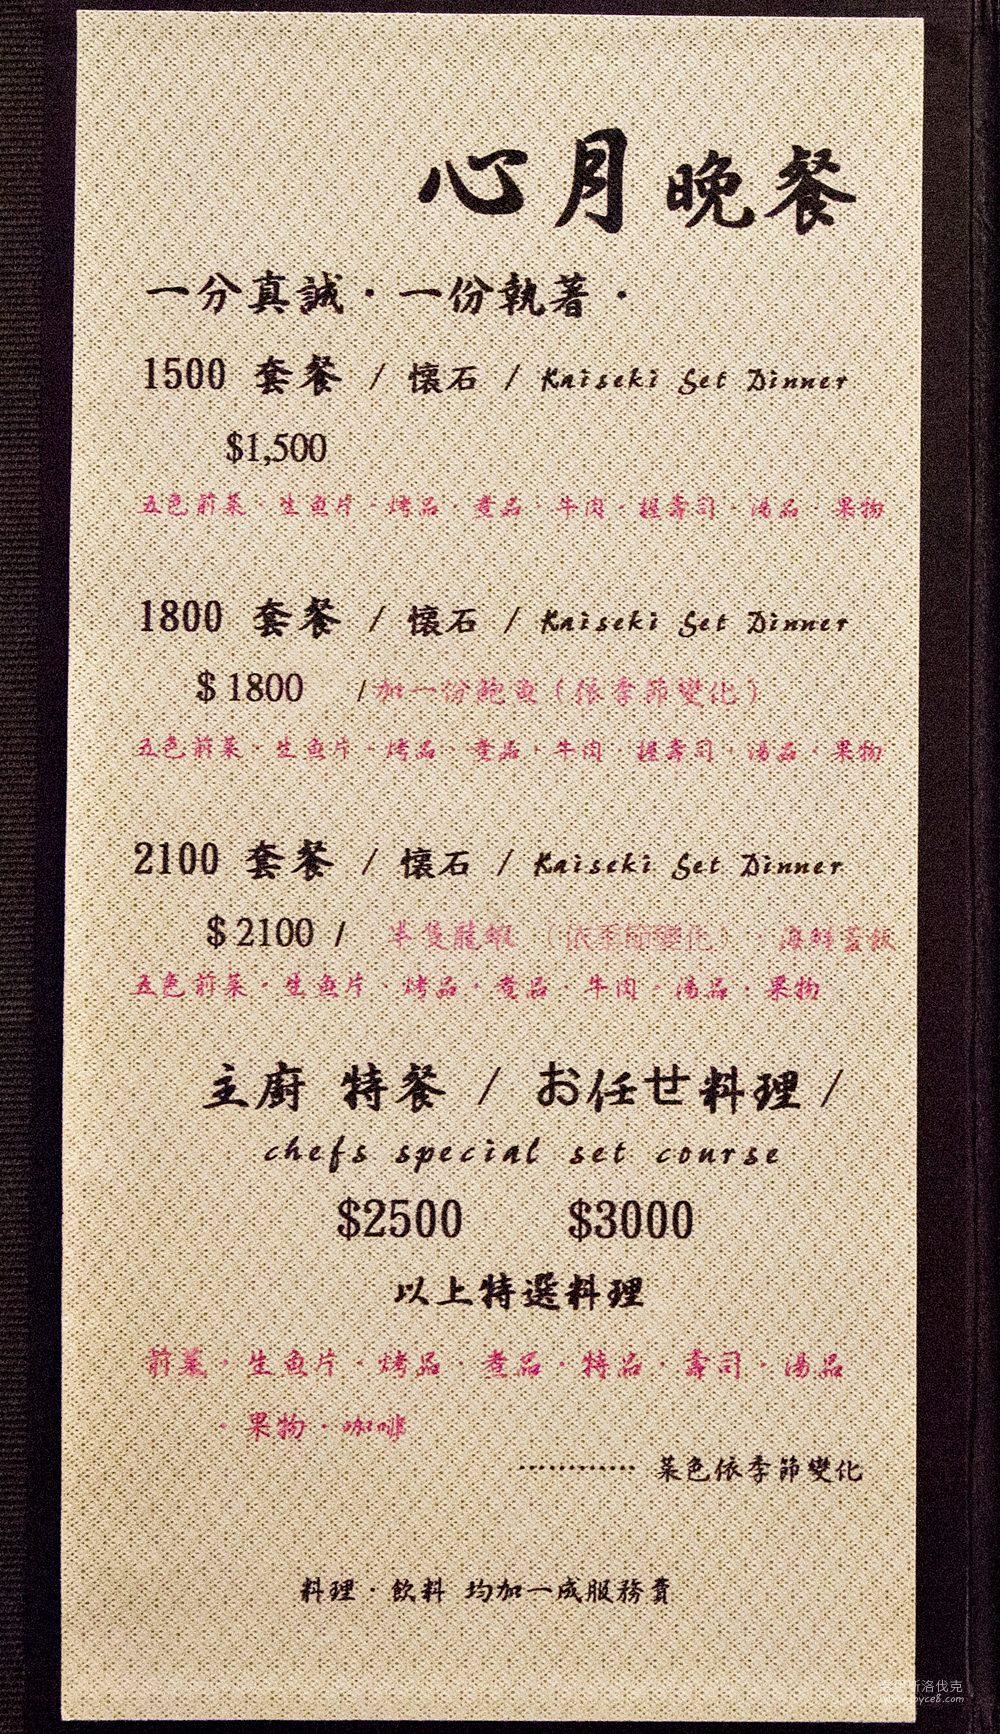 心月日本料理菜單,心月懷石日本料理菜單,心月懷石料理菜單,心月日本料理晚餐菜單